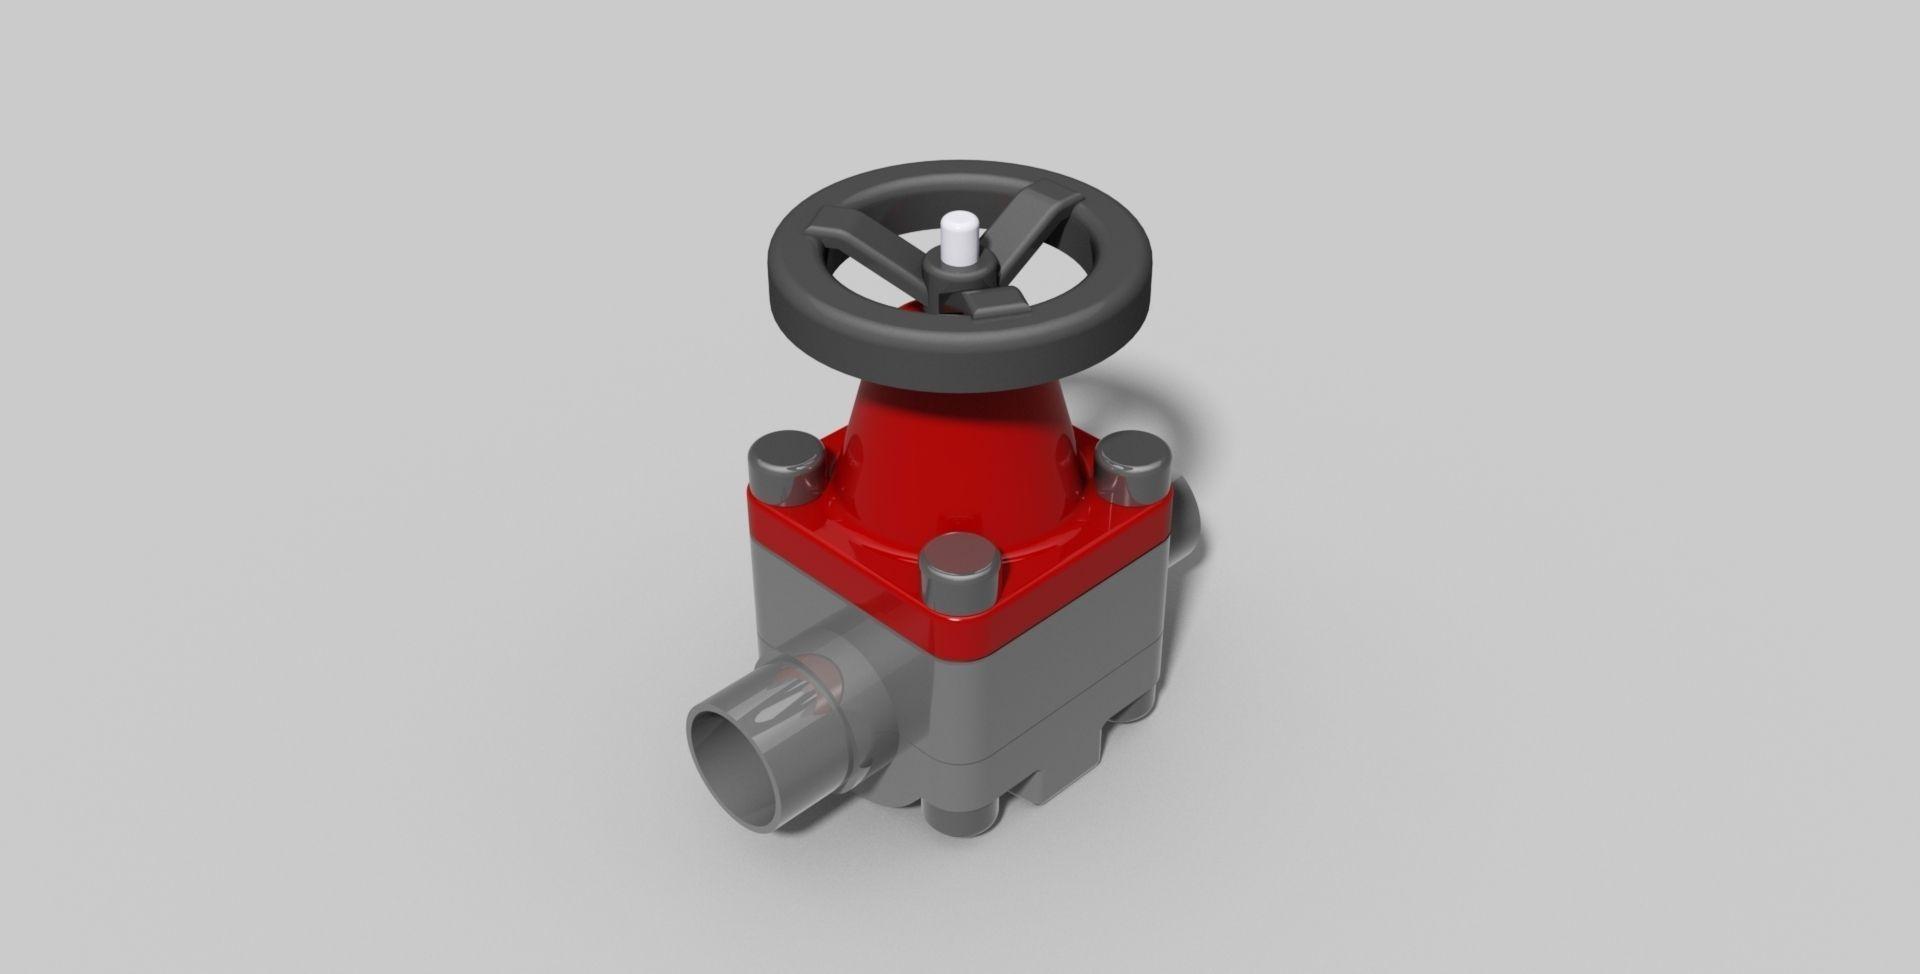 50mm pvc diaphragm valve sc spigots autodesk inventor free 3d 50mm pvc diaphragm valve sc spigots autodesk inventor 3d model ipt 2 ccuart Images